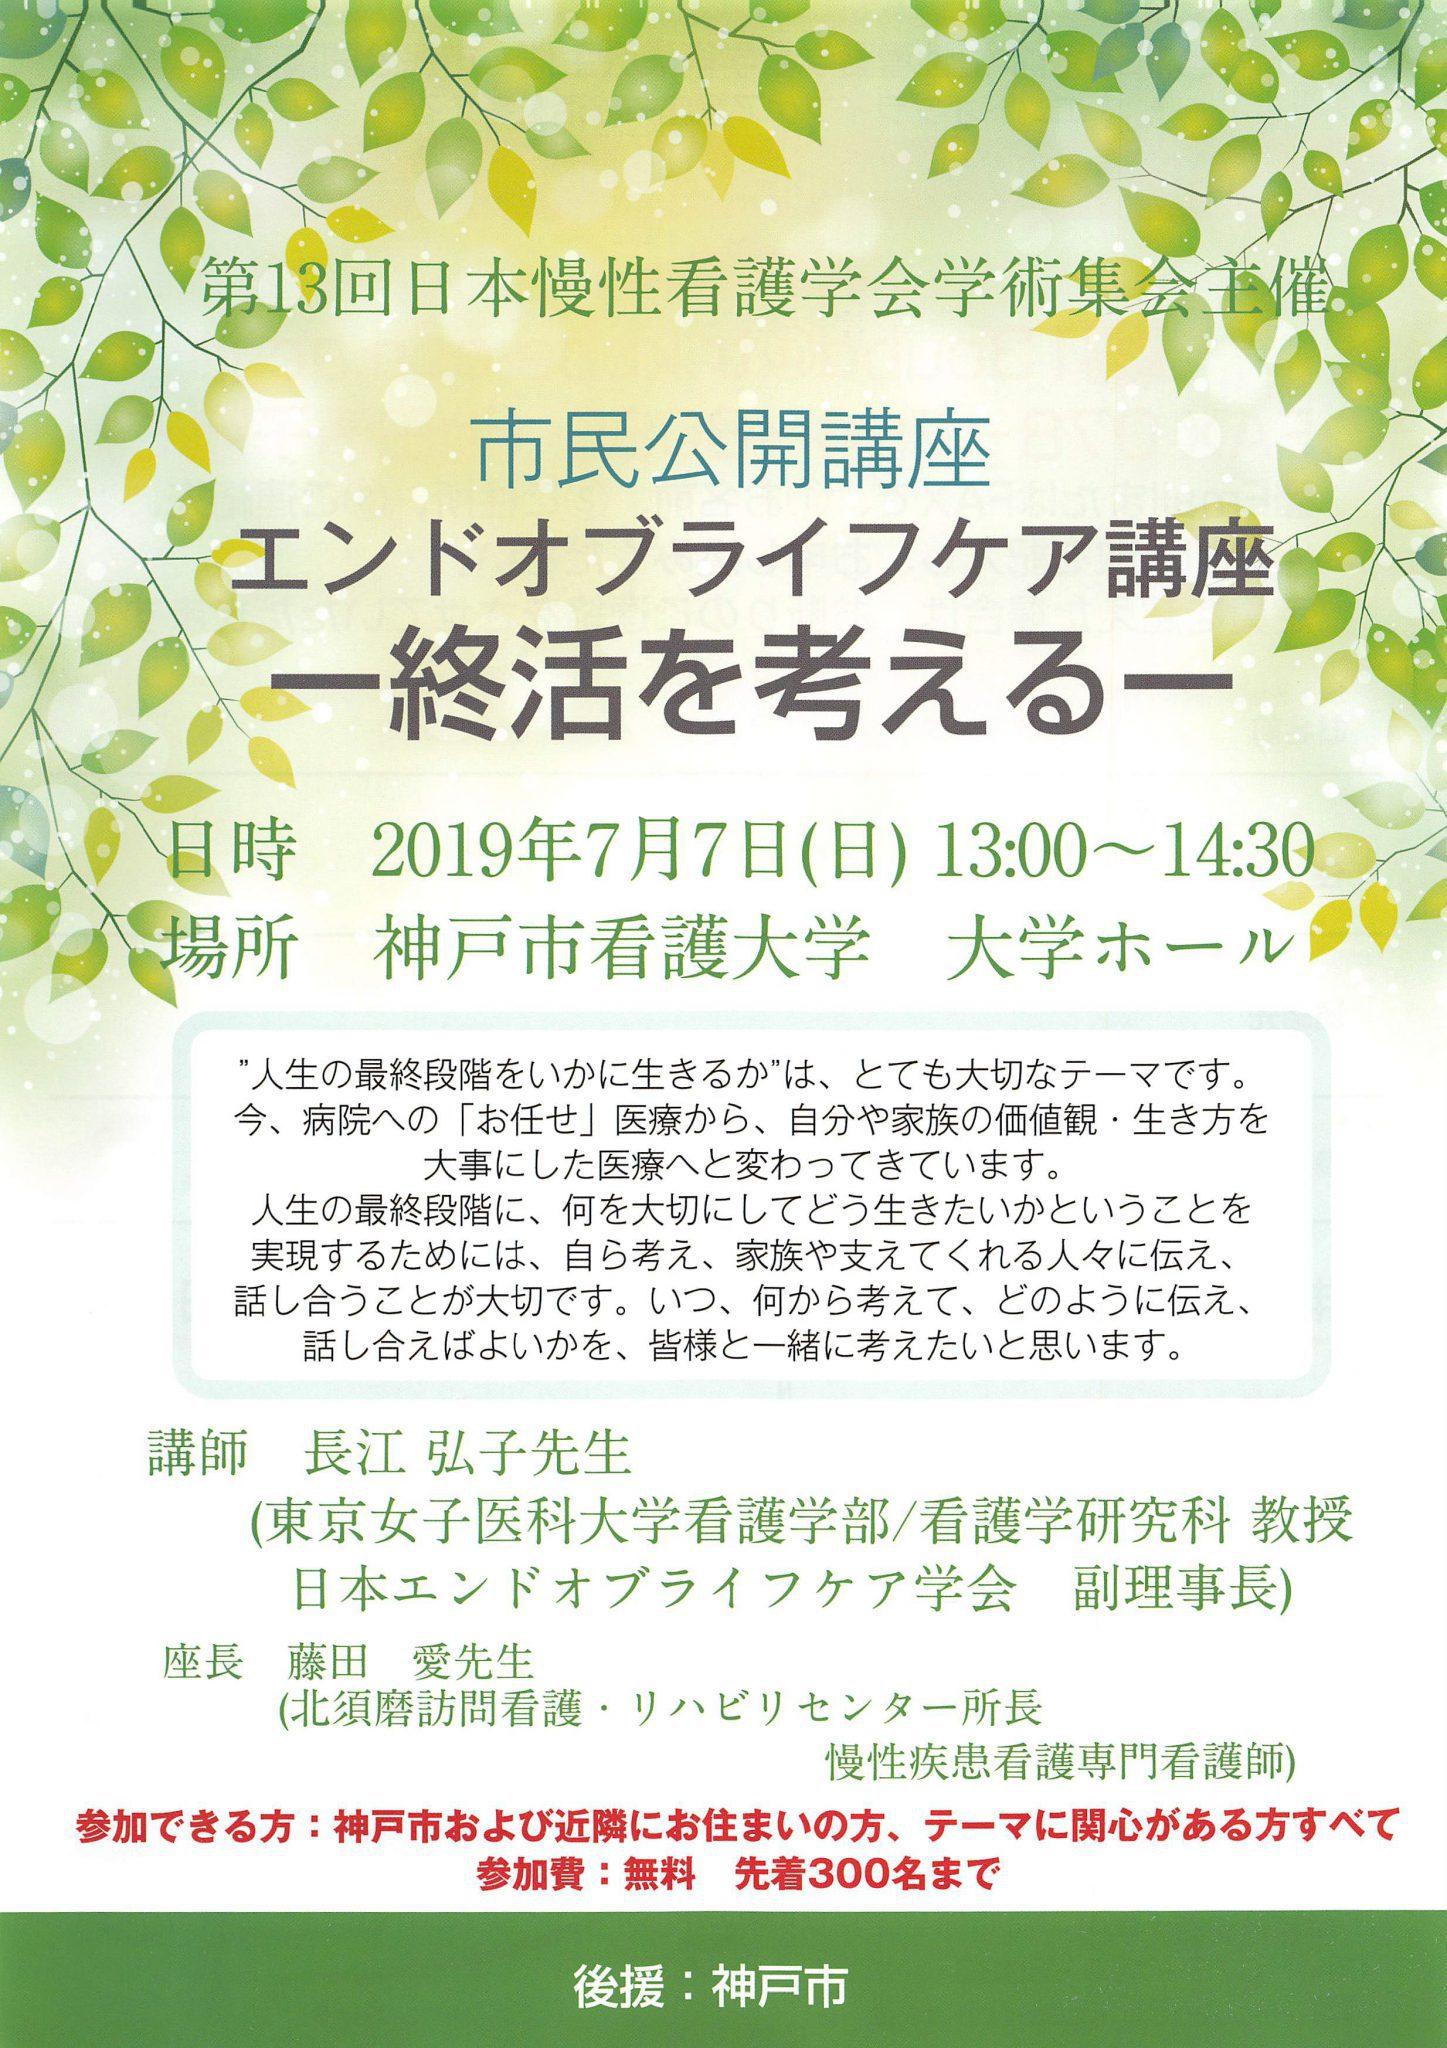 第13回日本慢性看護学会学術集会・市民公開講座「エンドオブライフケア講座 -終活を考える-」